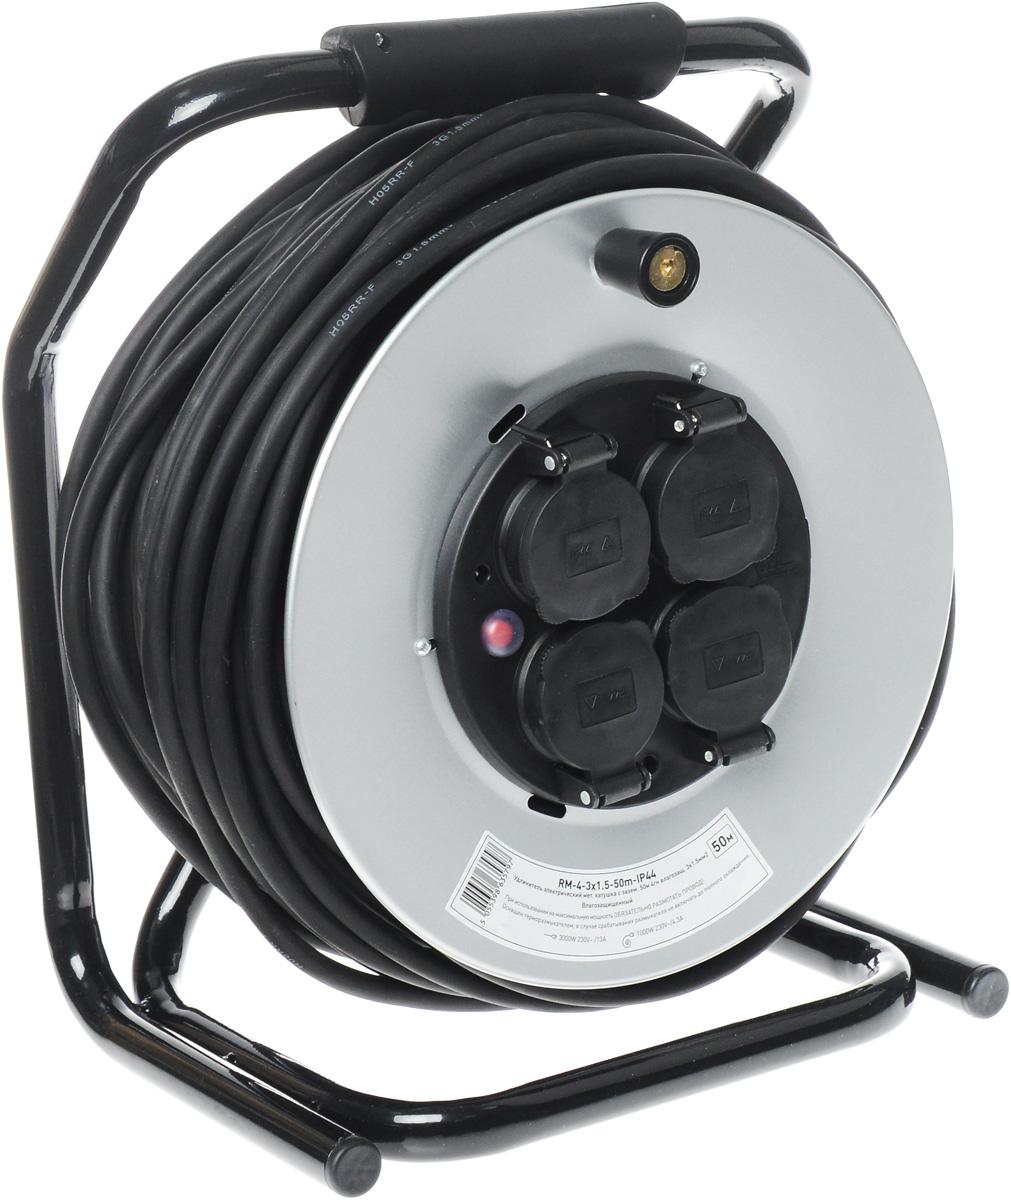 Удлинитель силовой ЭРА RM-4-3x1.5-50m-IP44, на катушке, влагозащищенный, 4 гнезда, 50 мRM-4-3x1.5-50m-IP44Силовой удлинитель ЭРА RM-4-3x1.5-50m-IP44 позволяет подключить несколько потребителей к одной электрической розетке, а также обеспечит защиту сети и оборудования в случае перегрузки. За счет большой длины кабеля незаменим на садовом участке, при проведении строительных и ремонтных работ. Силовой удлинитель имеет степень защиты IP44 и снабжен защитными шторками и защитными крышками, закрывающими электрические контакты от попадания пыли и влаги. 3 медные жилы сечением 1,5 мм2 обеспечивают допустимую максимальную мощность нагрузки в 3000 Вт. Сечение жилы провода является ключевым элементом качества силового удлинителя. Резиновая изоляция (неопрен) провода позволяет эксплуатировать удлинитель в широком диапазоне температур от -25°С до +60°С. Рама катушки и барабан выполнены из металла, что позволяет добиться максимальной механической прочности и долговечности конструкции. Блок с розетками выполнен из полипропилена и поликарбоната - устойчив к механическим...